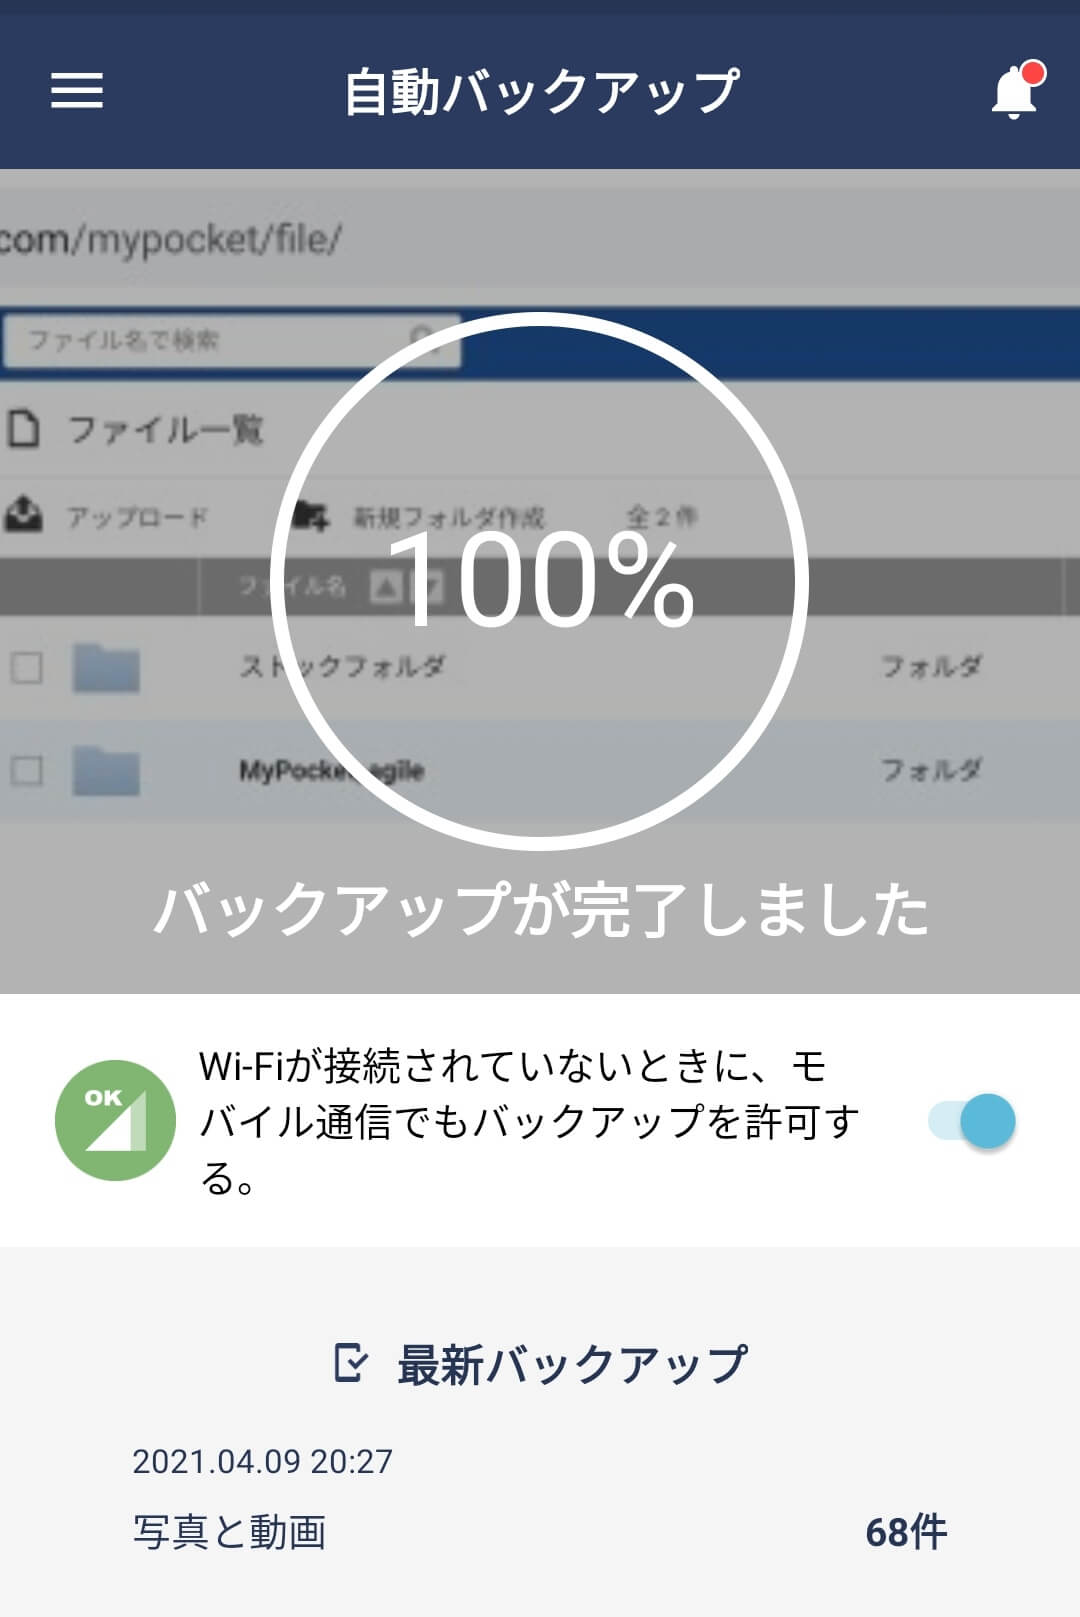 OCNモバイルONEユーザーであれば外出先でもリアルタイムに画像や動画をバックアップ、確認する事が可能